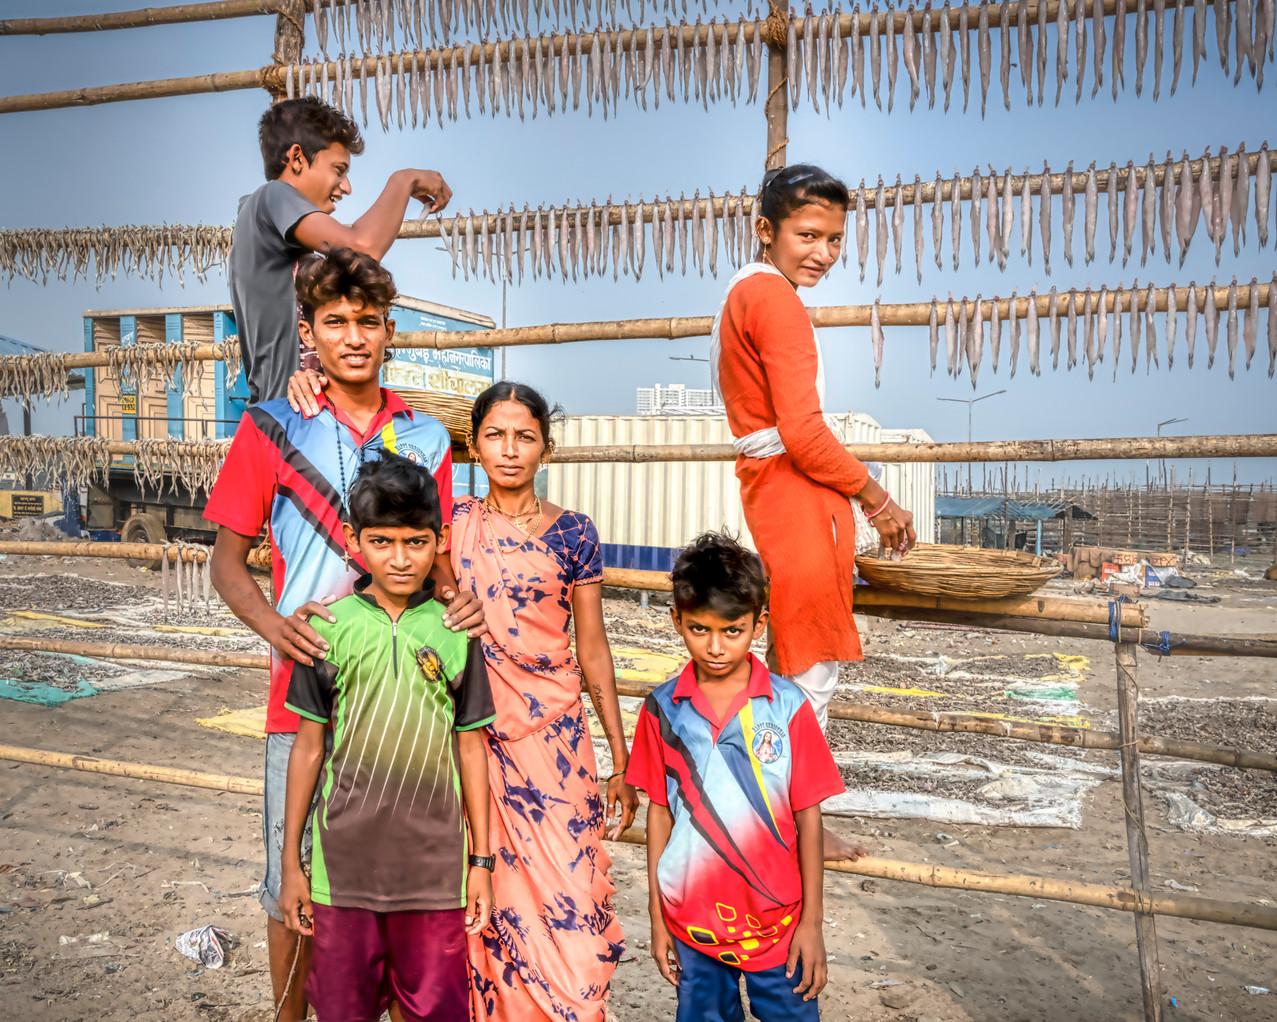 La famille de pêcheurs